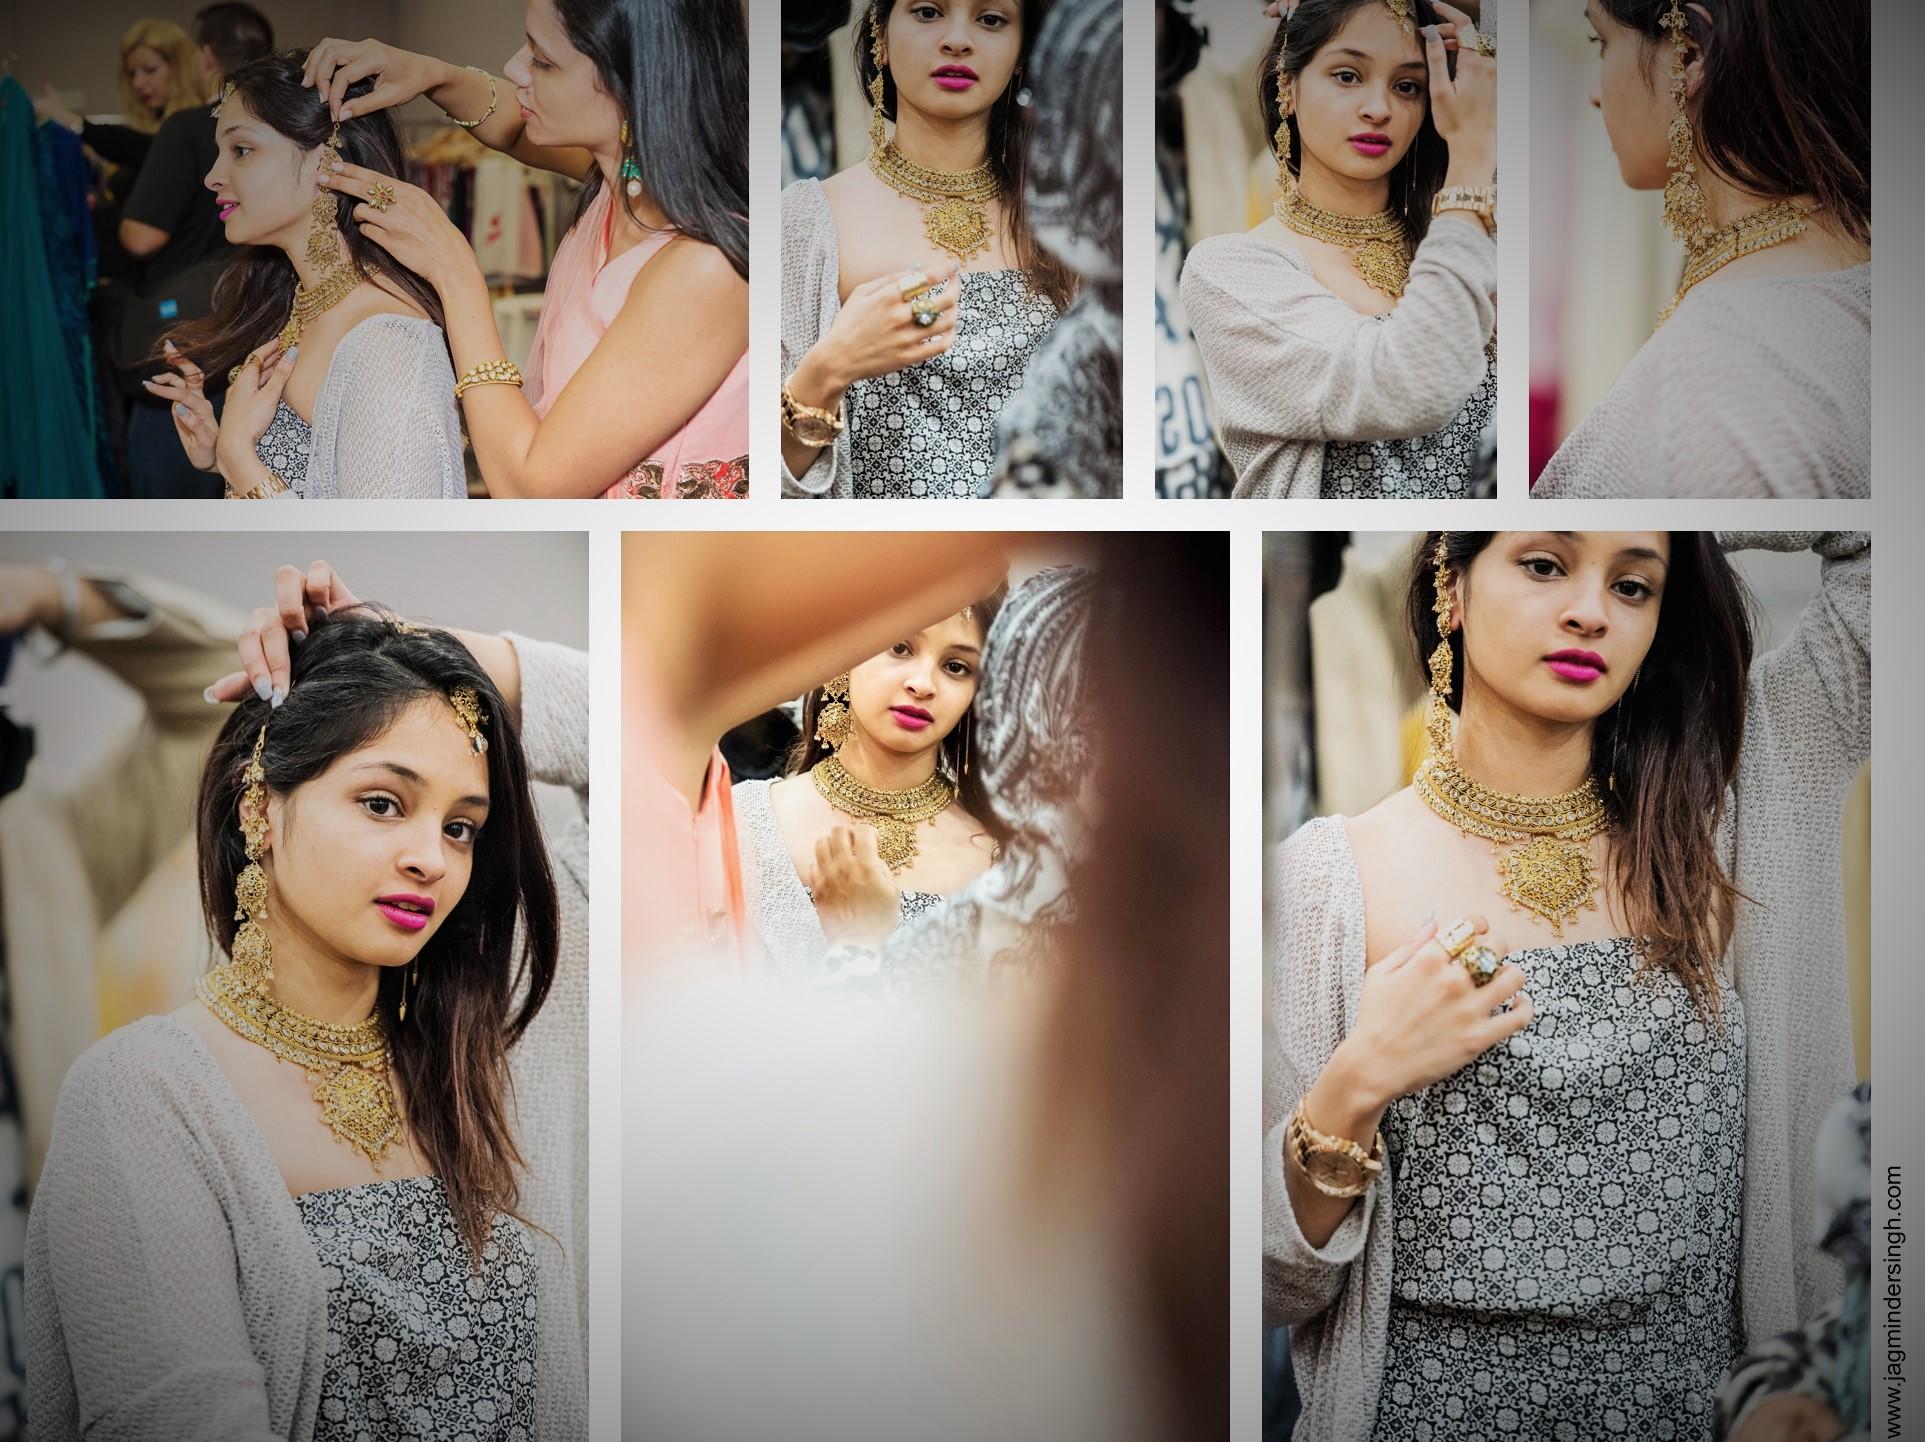 Jagminder-Singh-Photography-Ethnic-Couture0205Vintage.jpg